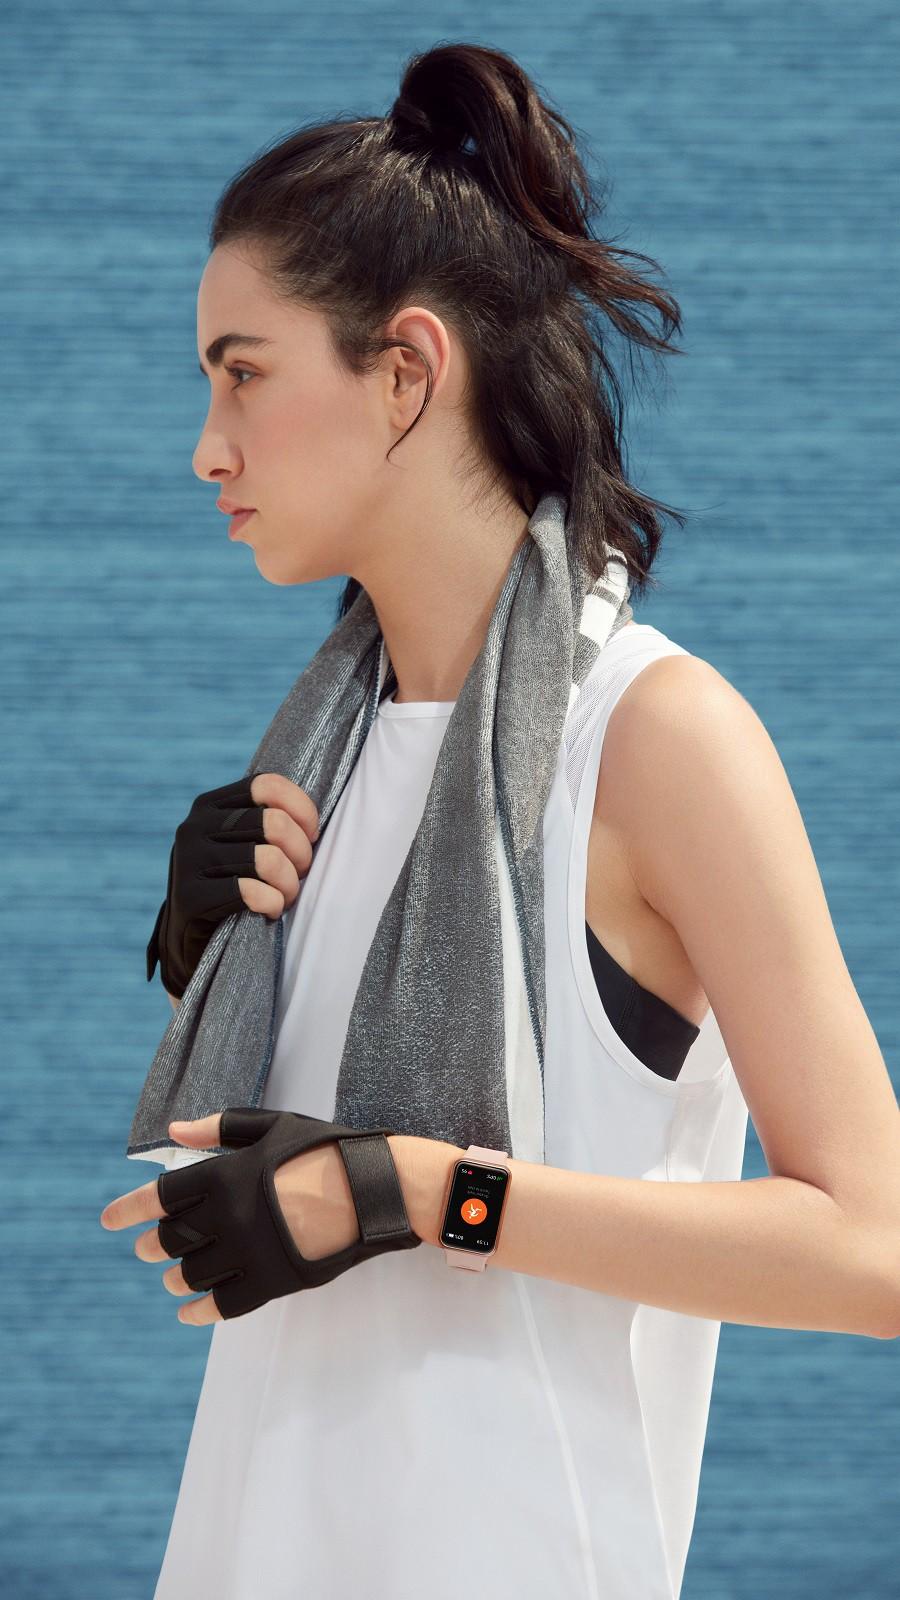 Đồng hồ Huawei Watch Fit lên kệ giá 3,3 triệu ảnh 6